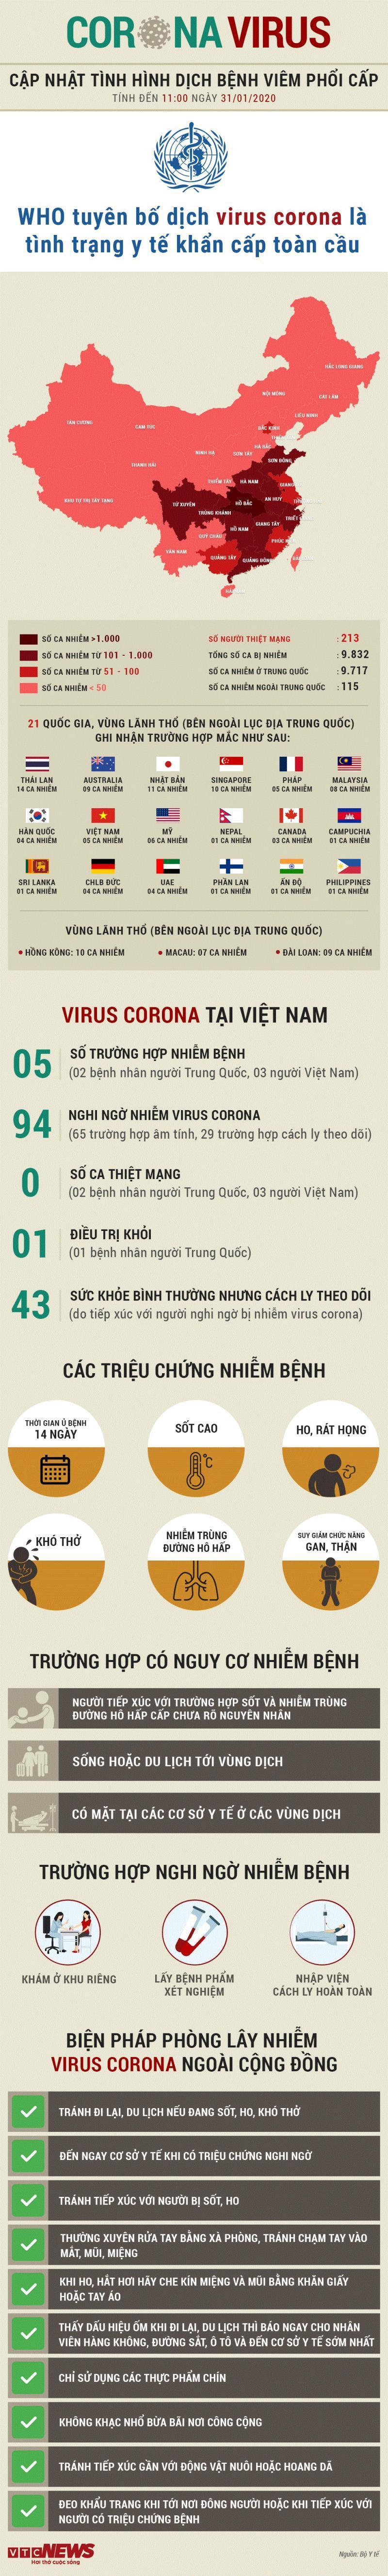 Thông tin mới nhất về 5 trường hợp mắc virus corona Việt Nam và  hành trình di chuyển, 213 người chết ở Trung Quốc-2